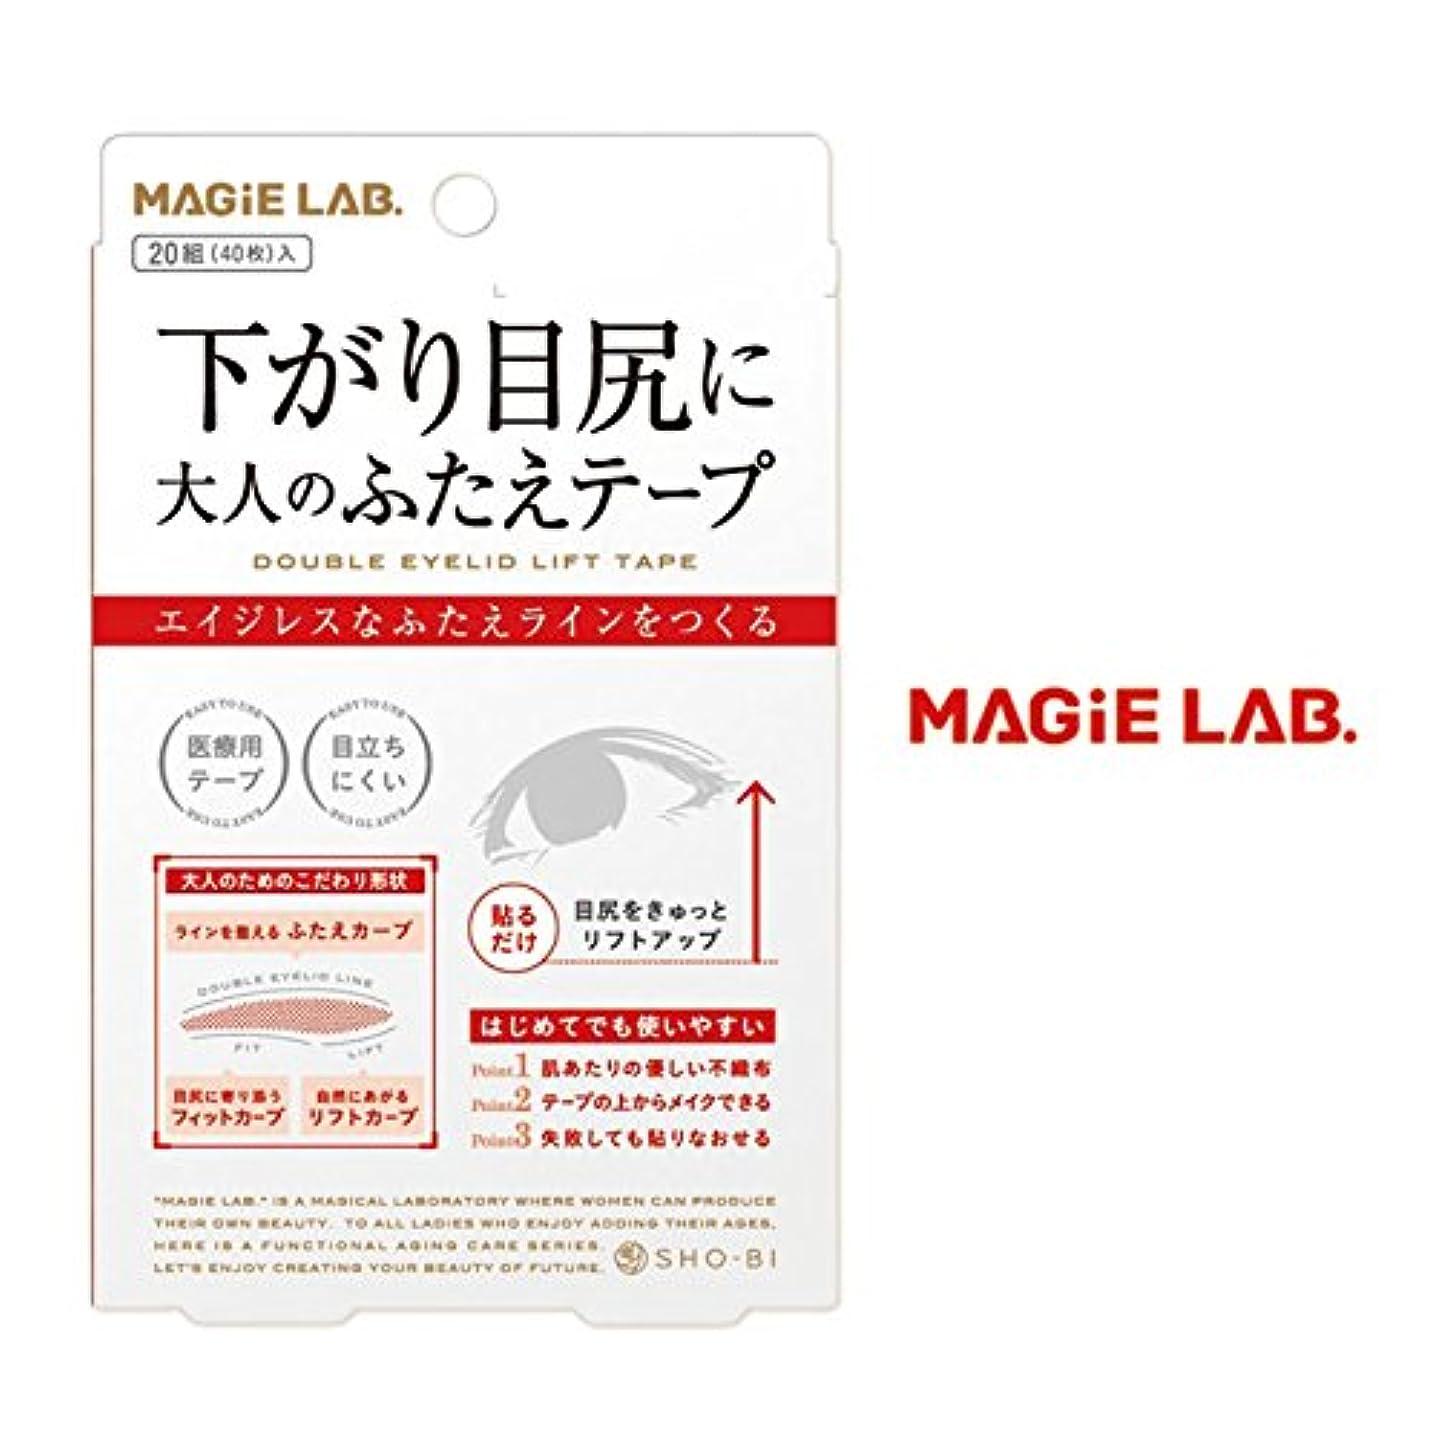 弾丸ありがたい酔うMAGiE LAB.(マジラボ) 大人のふたえテープ 20組(40枚)入 MG22105